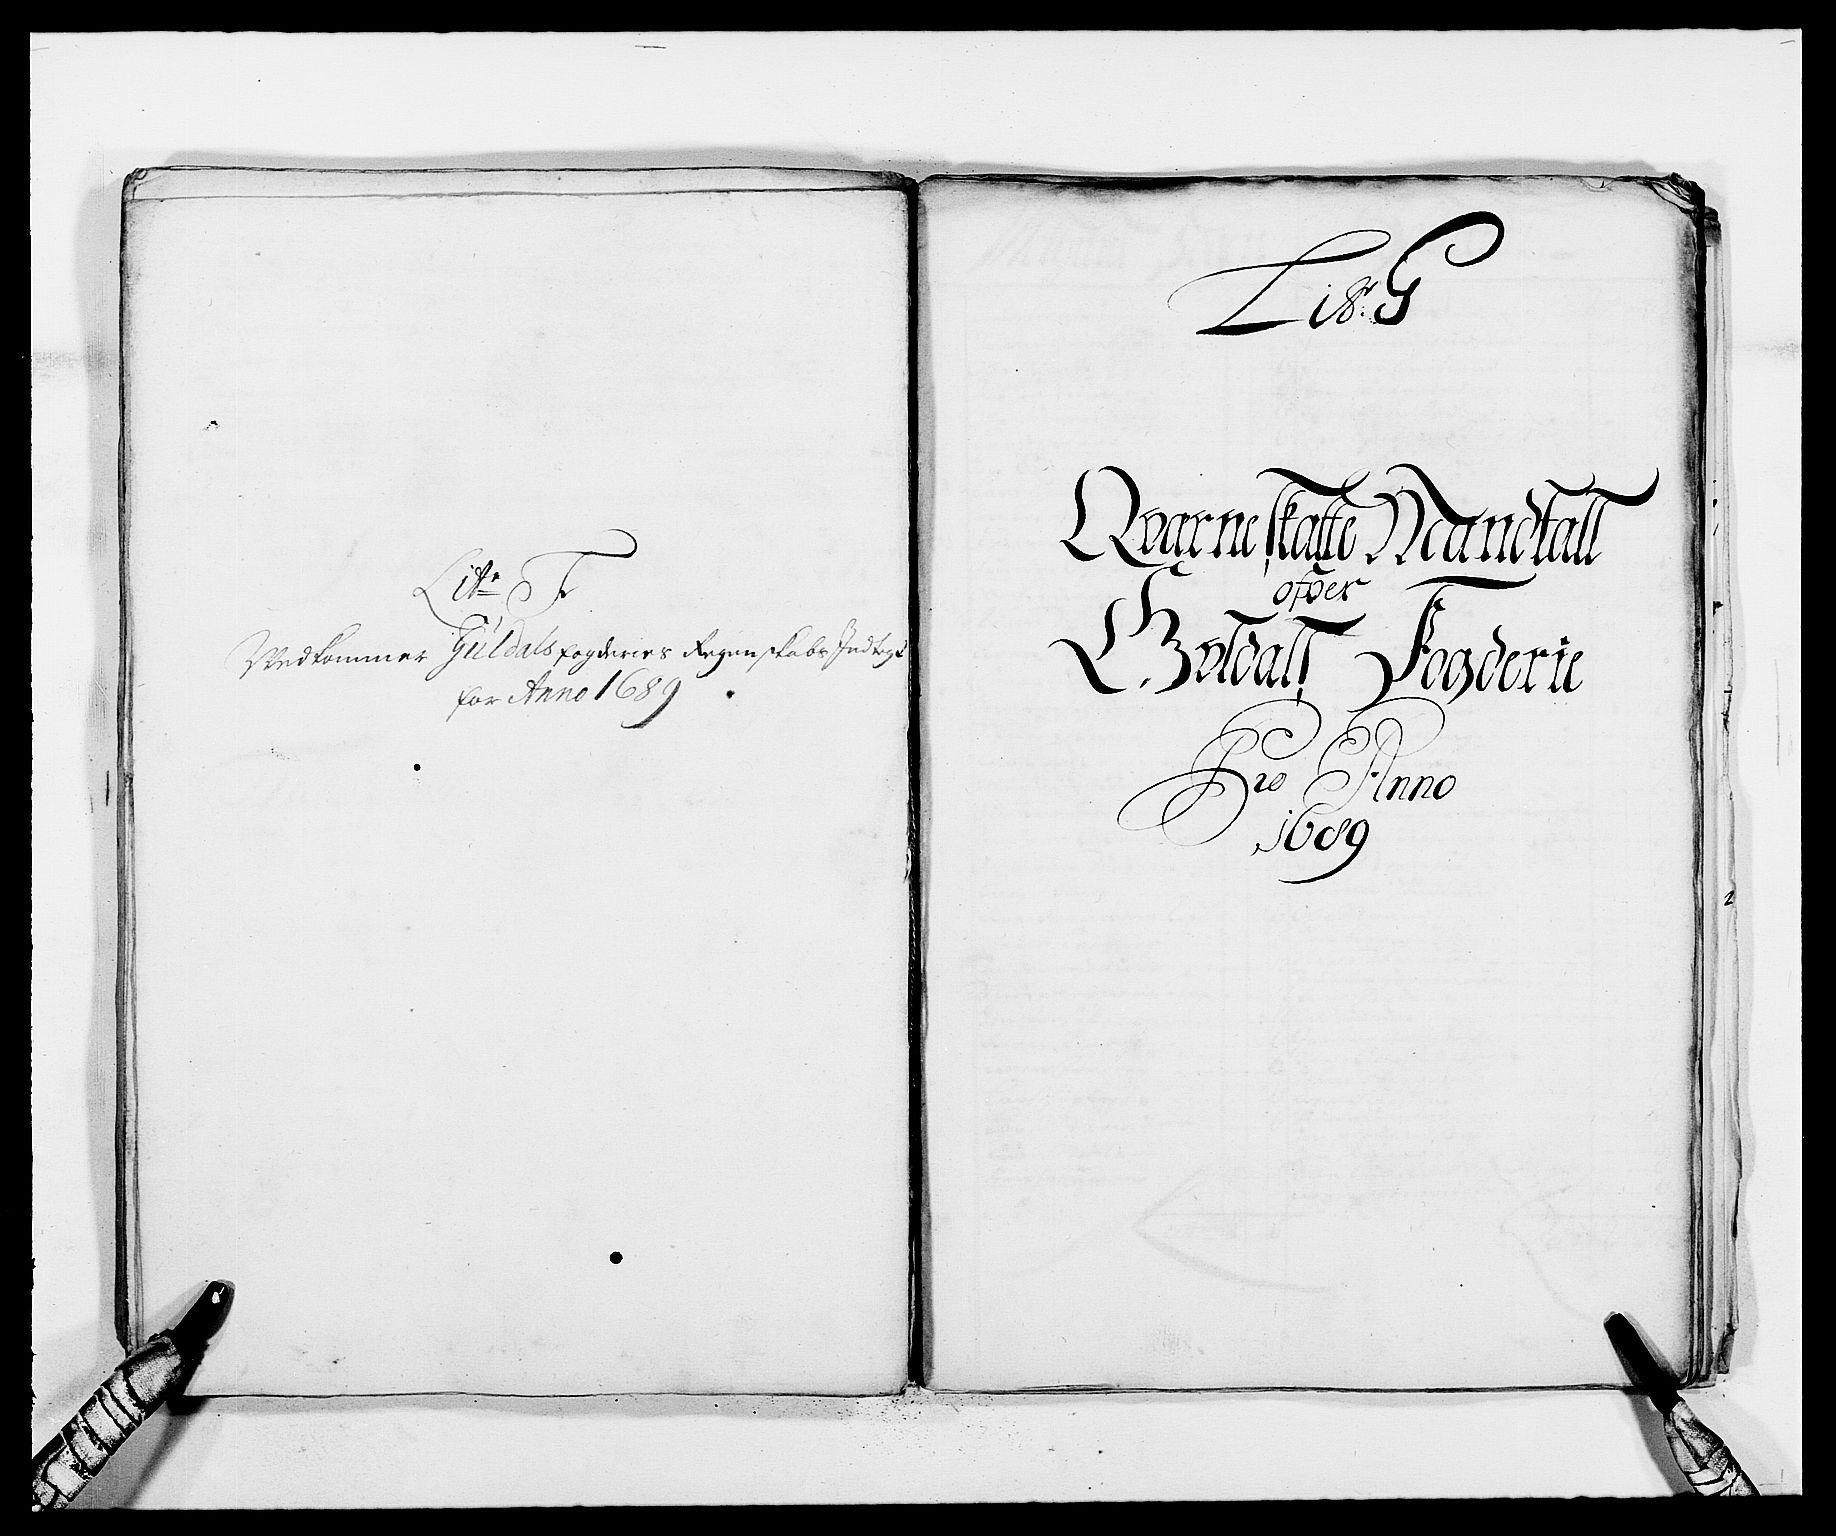 RA, Rentekammeret inntil 1814, Reviderte regnskaper, Fogderegnskap, R59/L3940: Fogderegnskap Gauldal, 1689-1690, s. 77